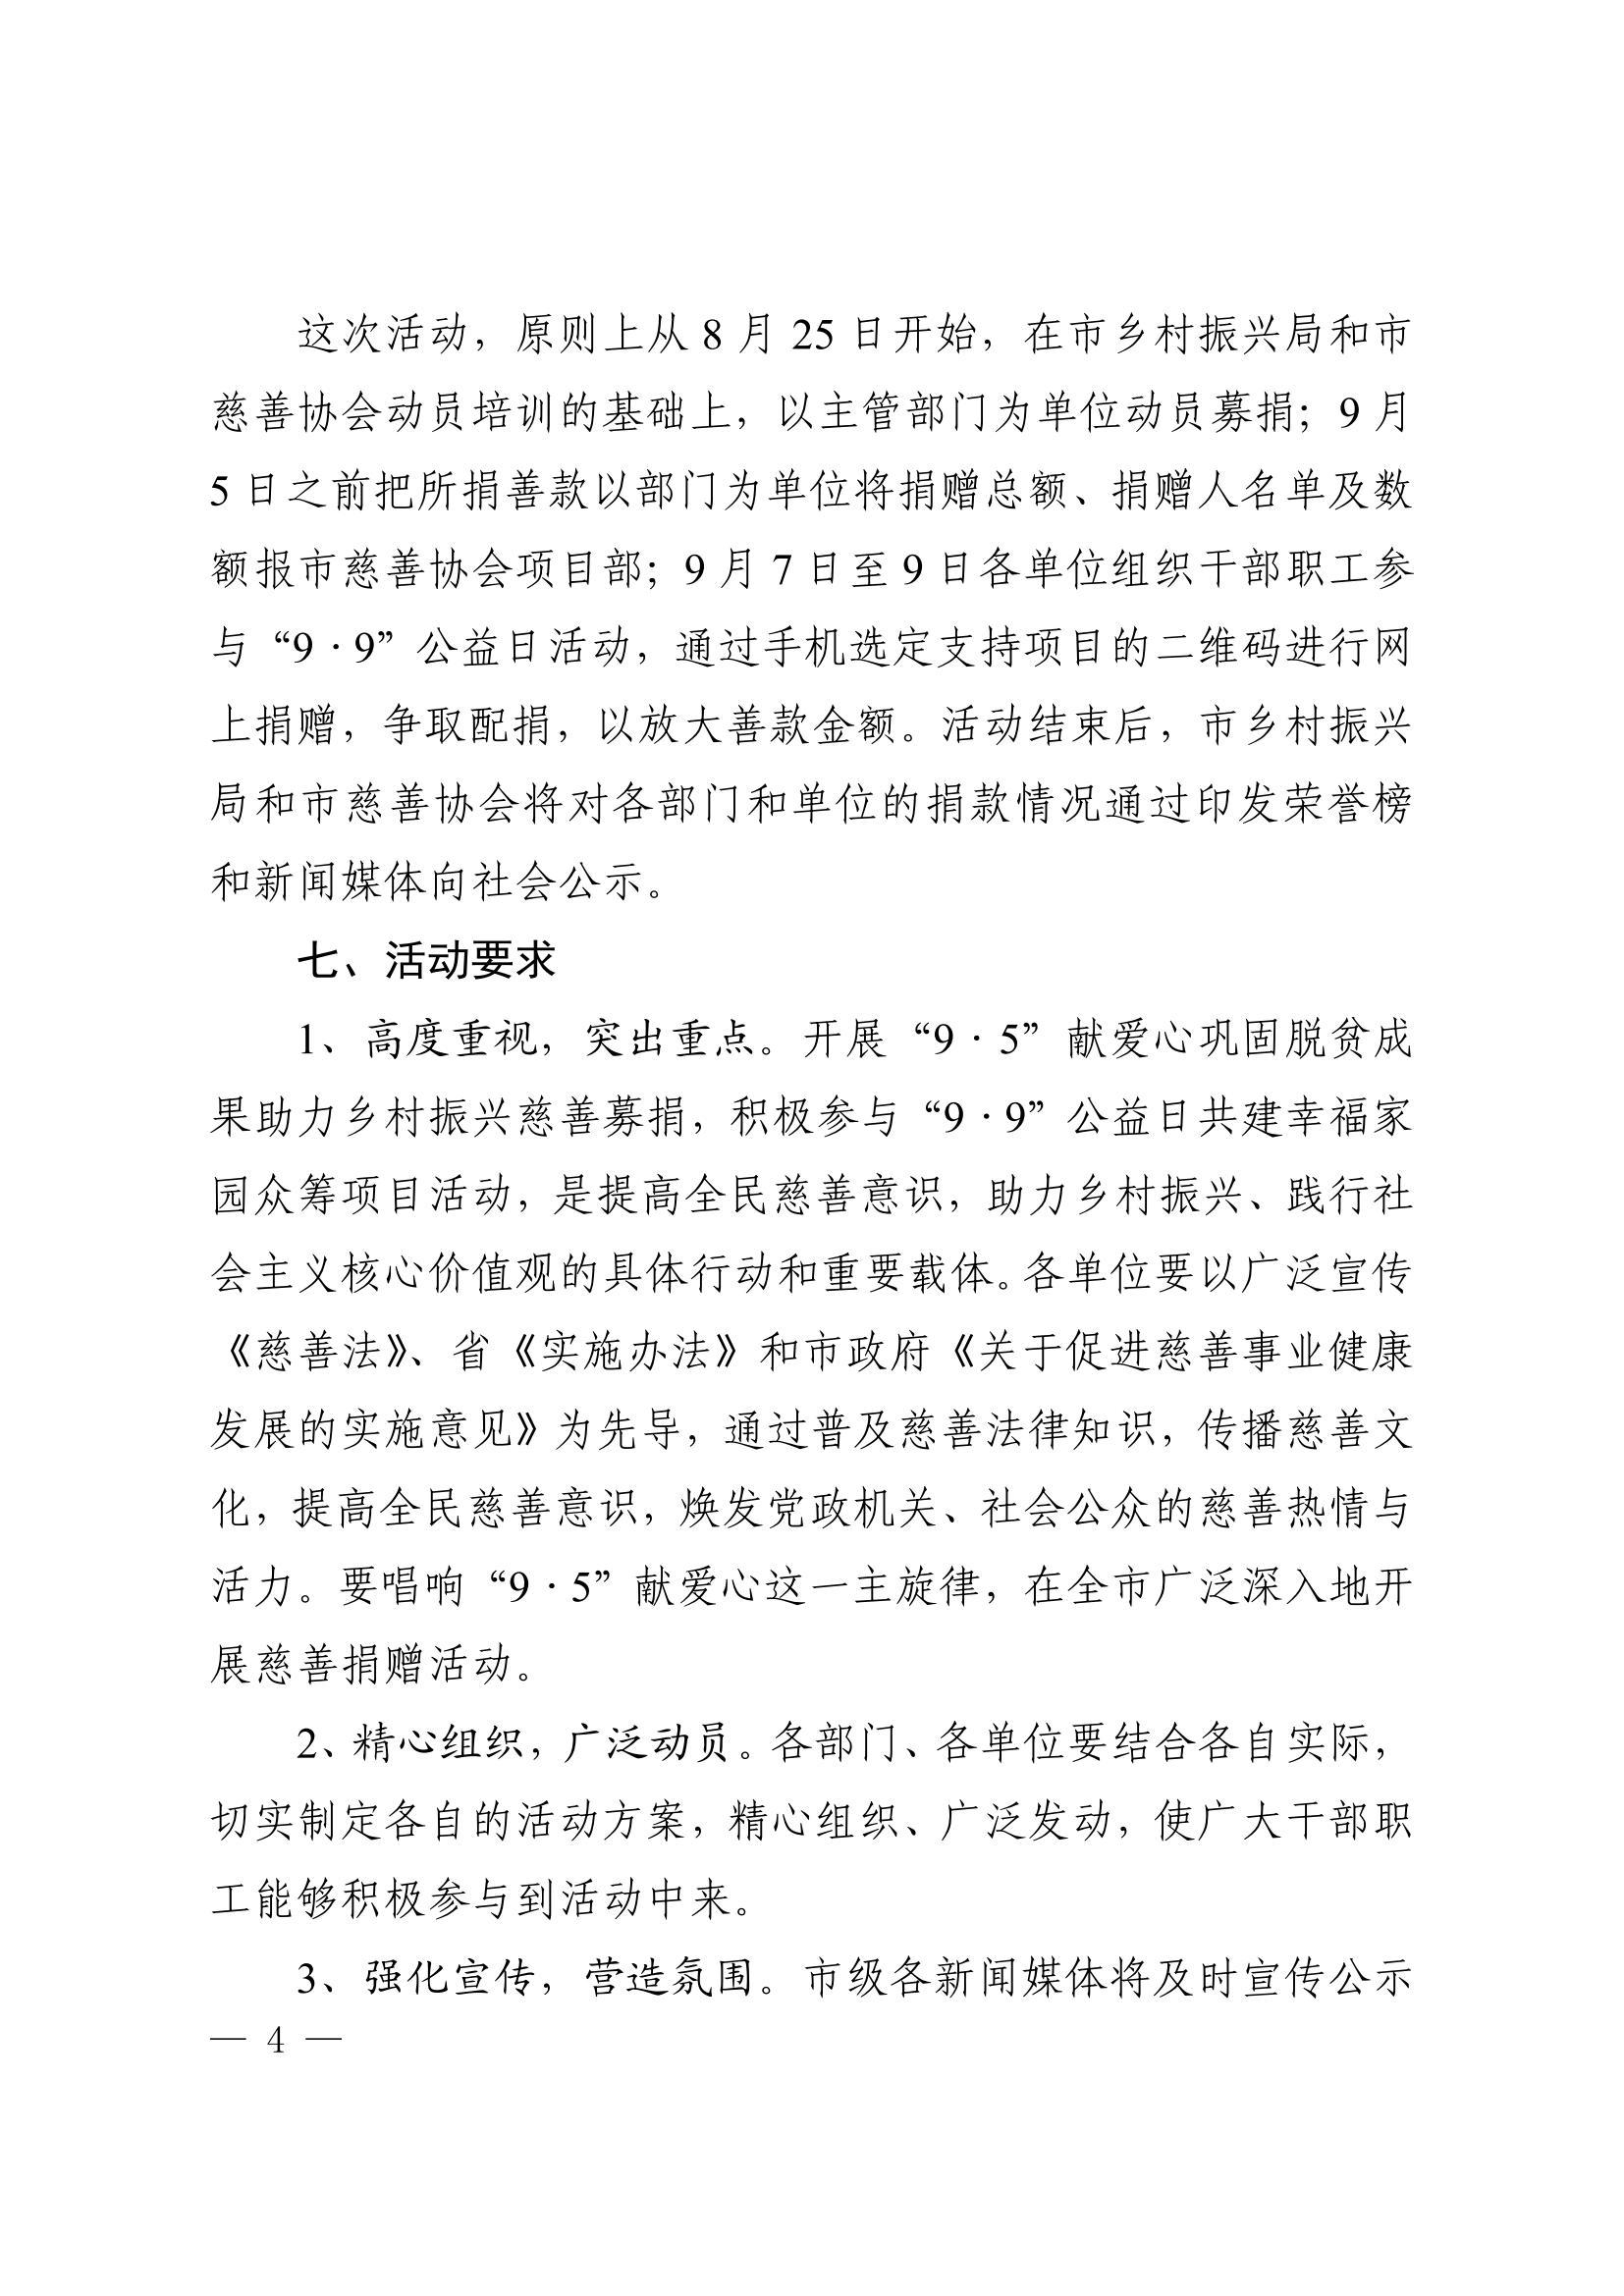 联合发文〔2021〕号-市直9·5献爱心慈善募捐(2)_03.jpg